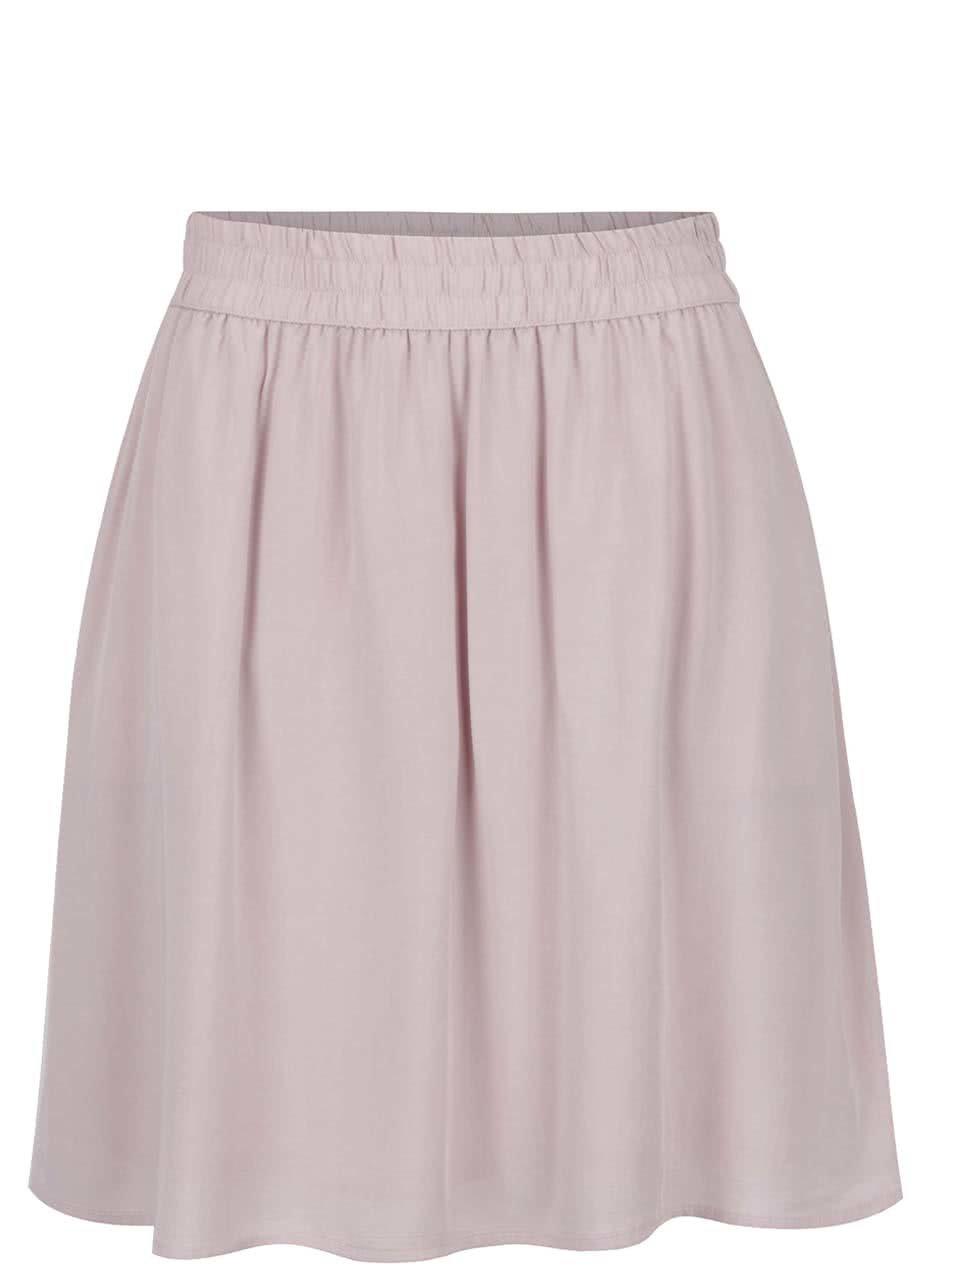 Světle růžová sukně s kapsami Broadway Diamond